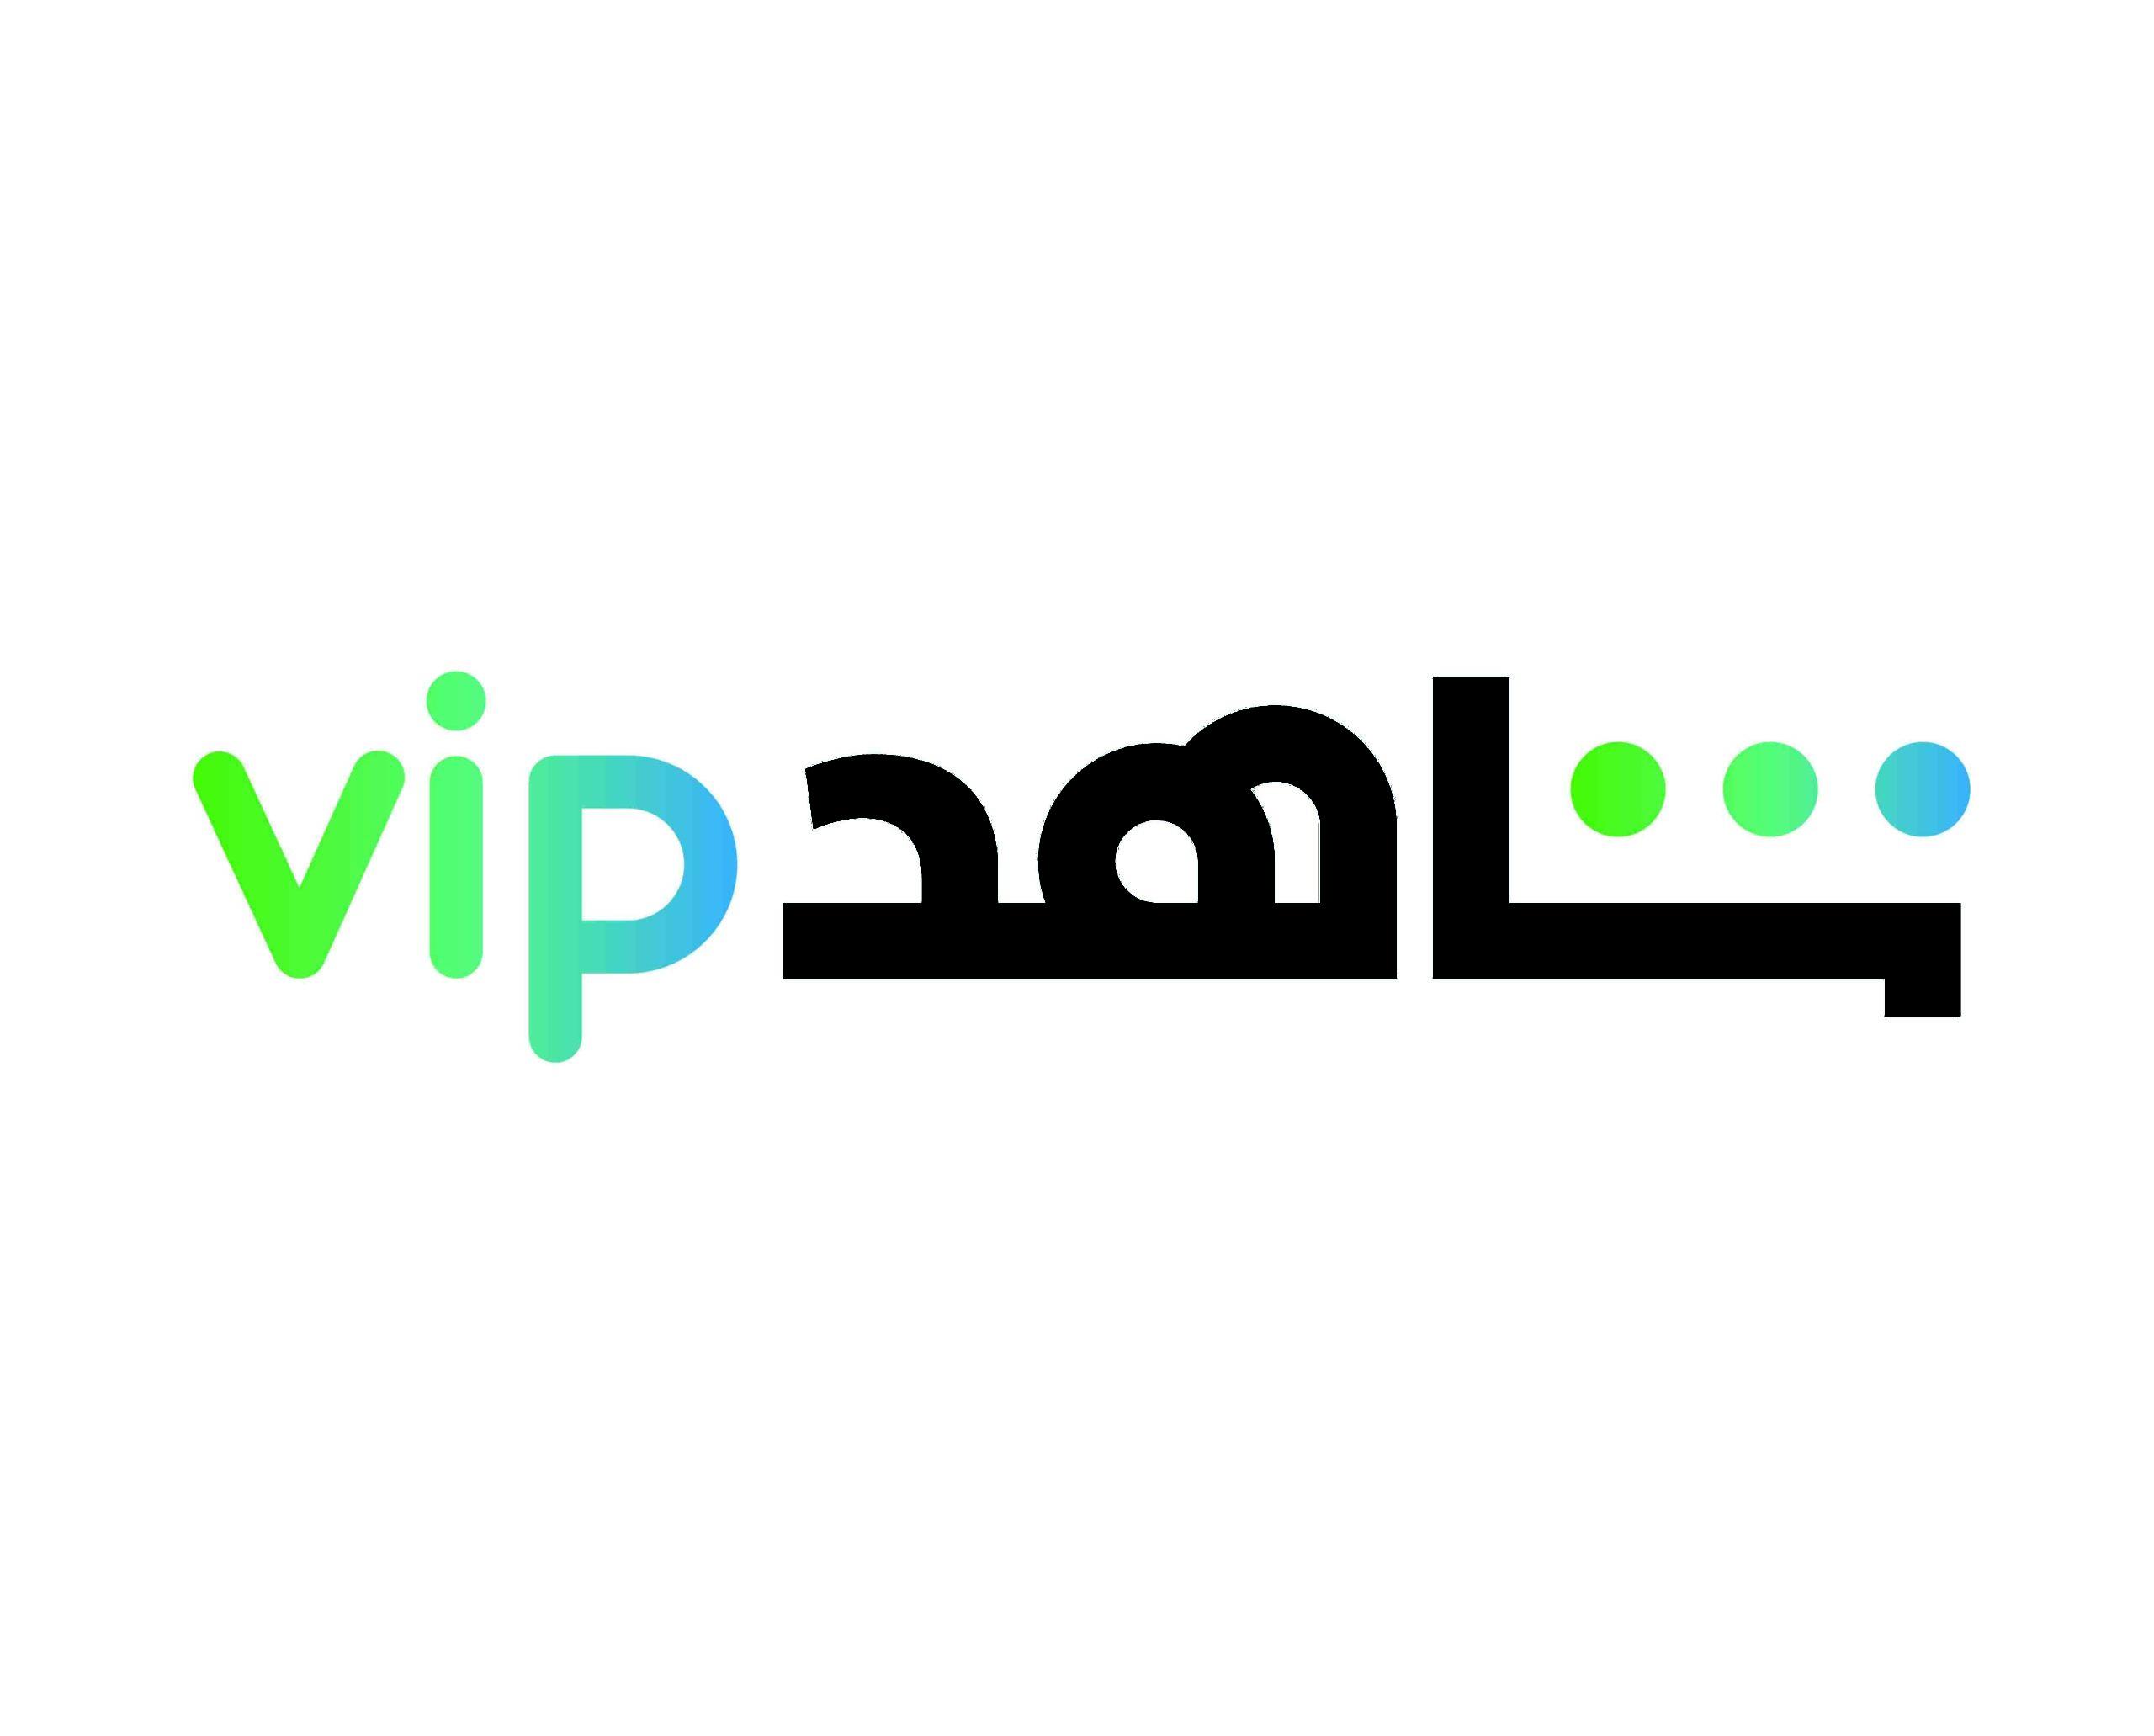 طريقة الاشتراك في شاهد Vip الموقع المثالي